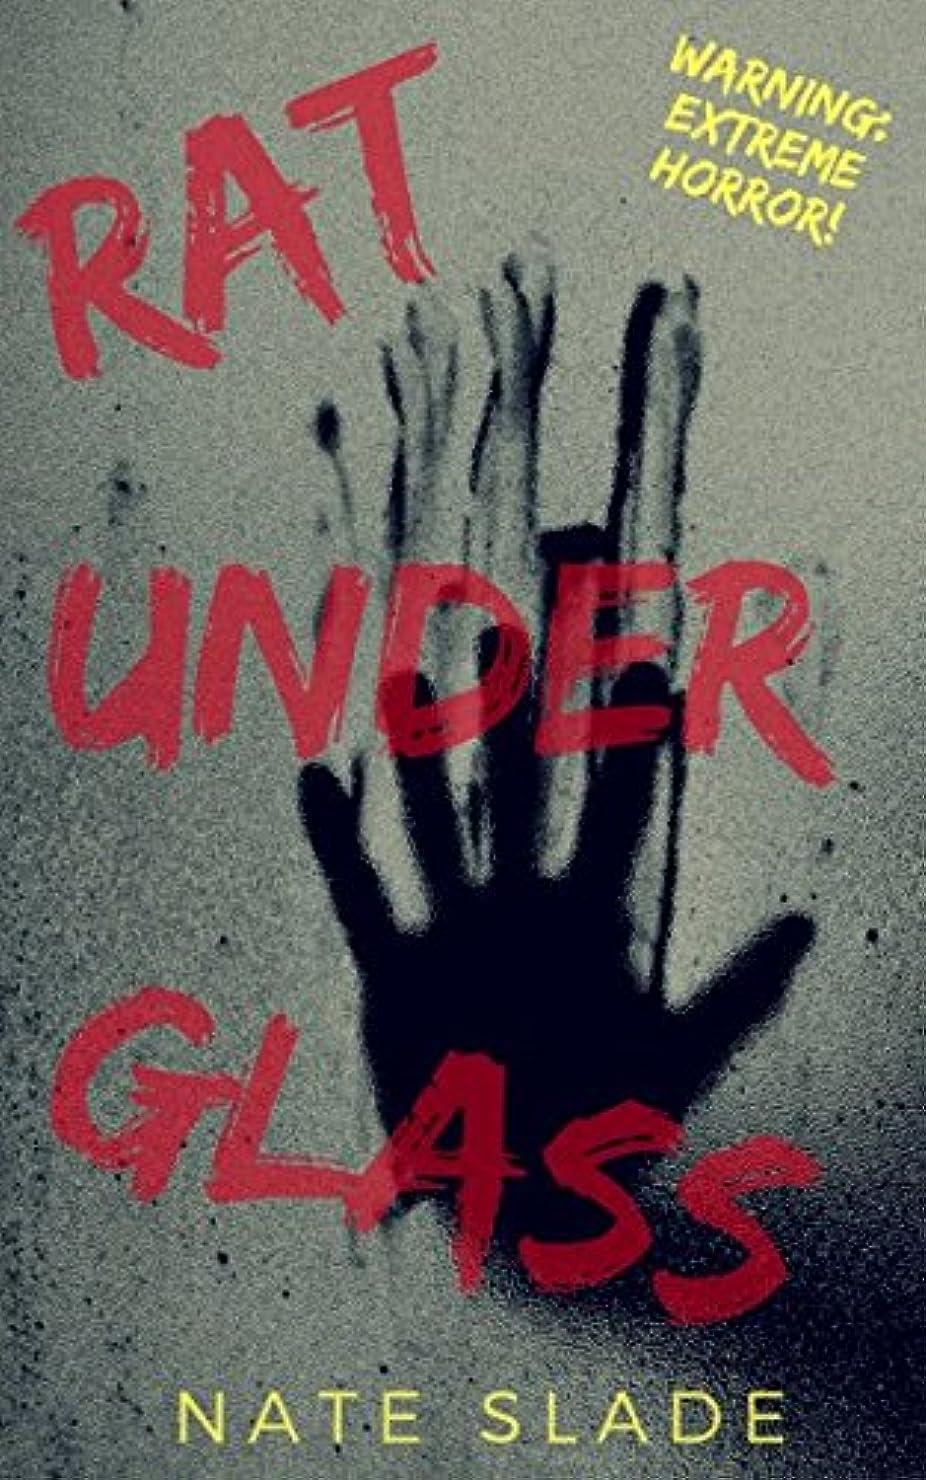 ダイバー相対サイズ牧師Rat Under Glass